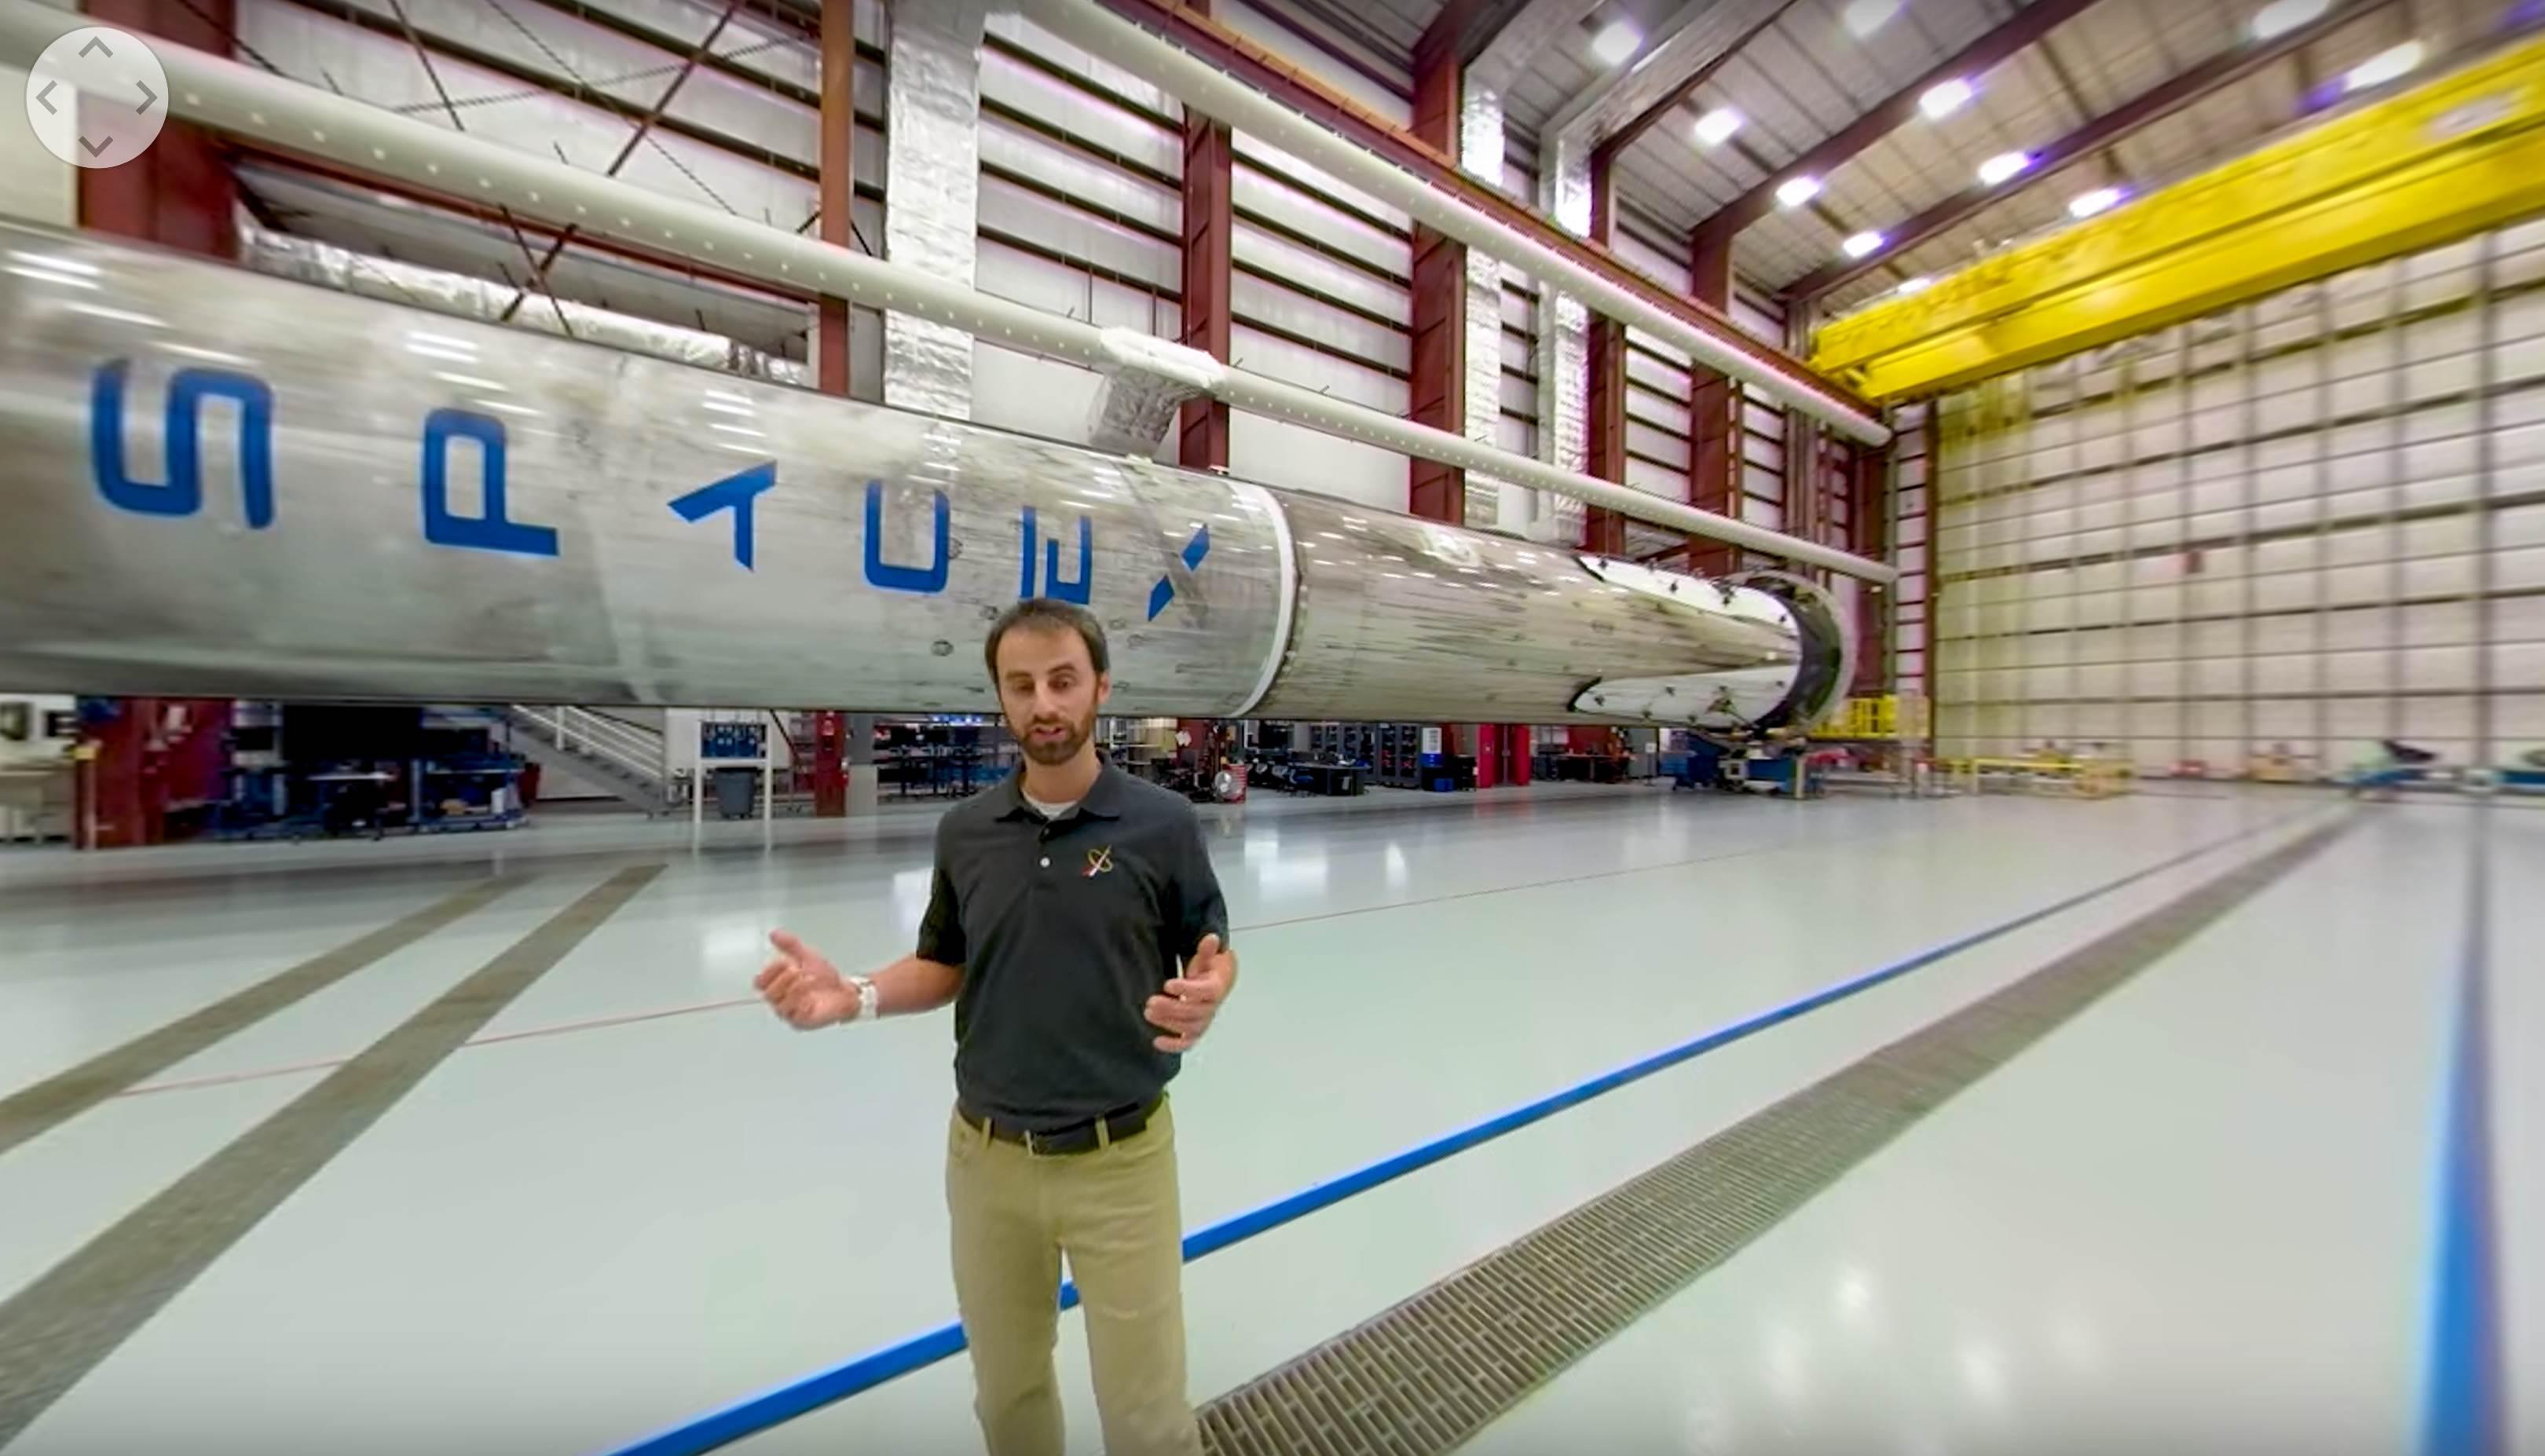 LC-39A tour 2019 (NASA) Falcon 9 1